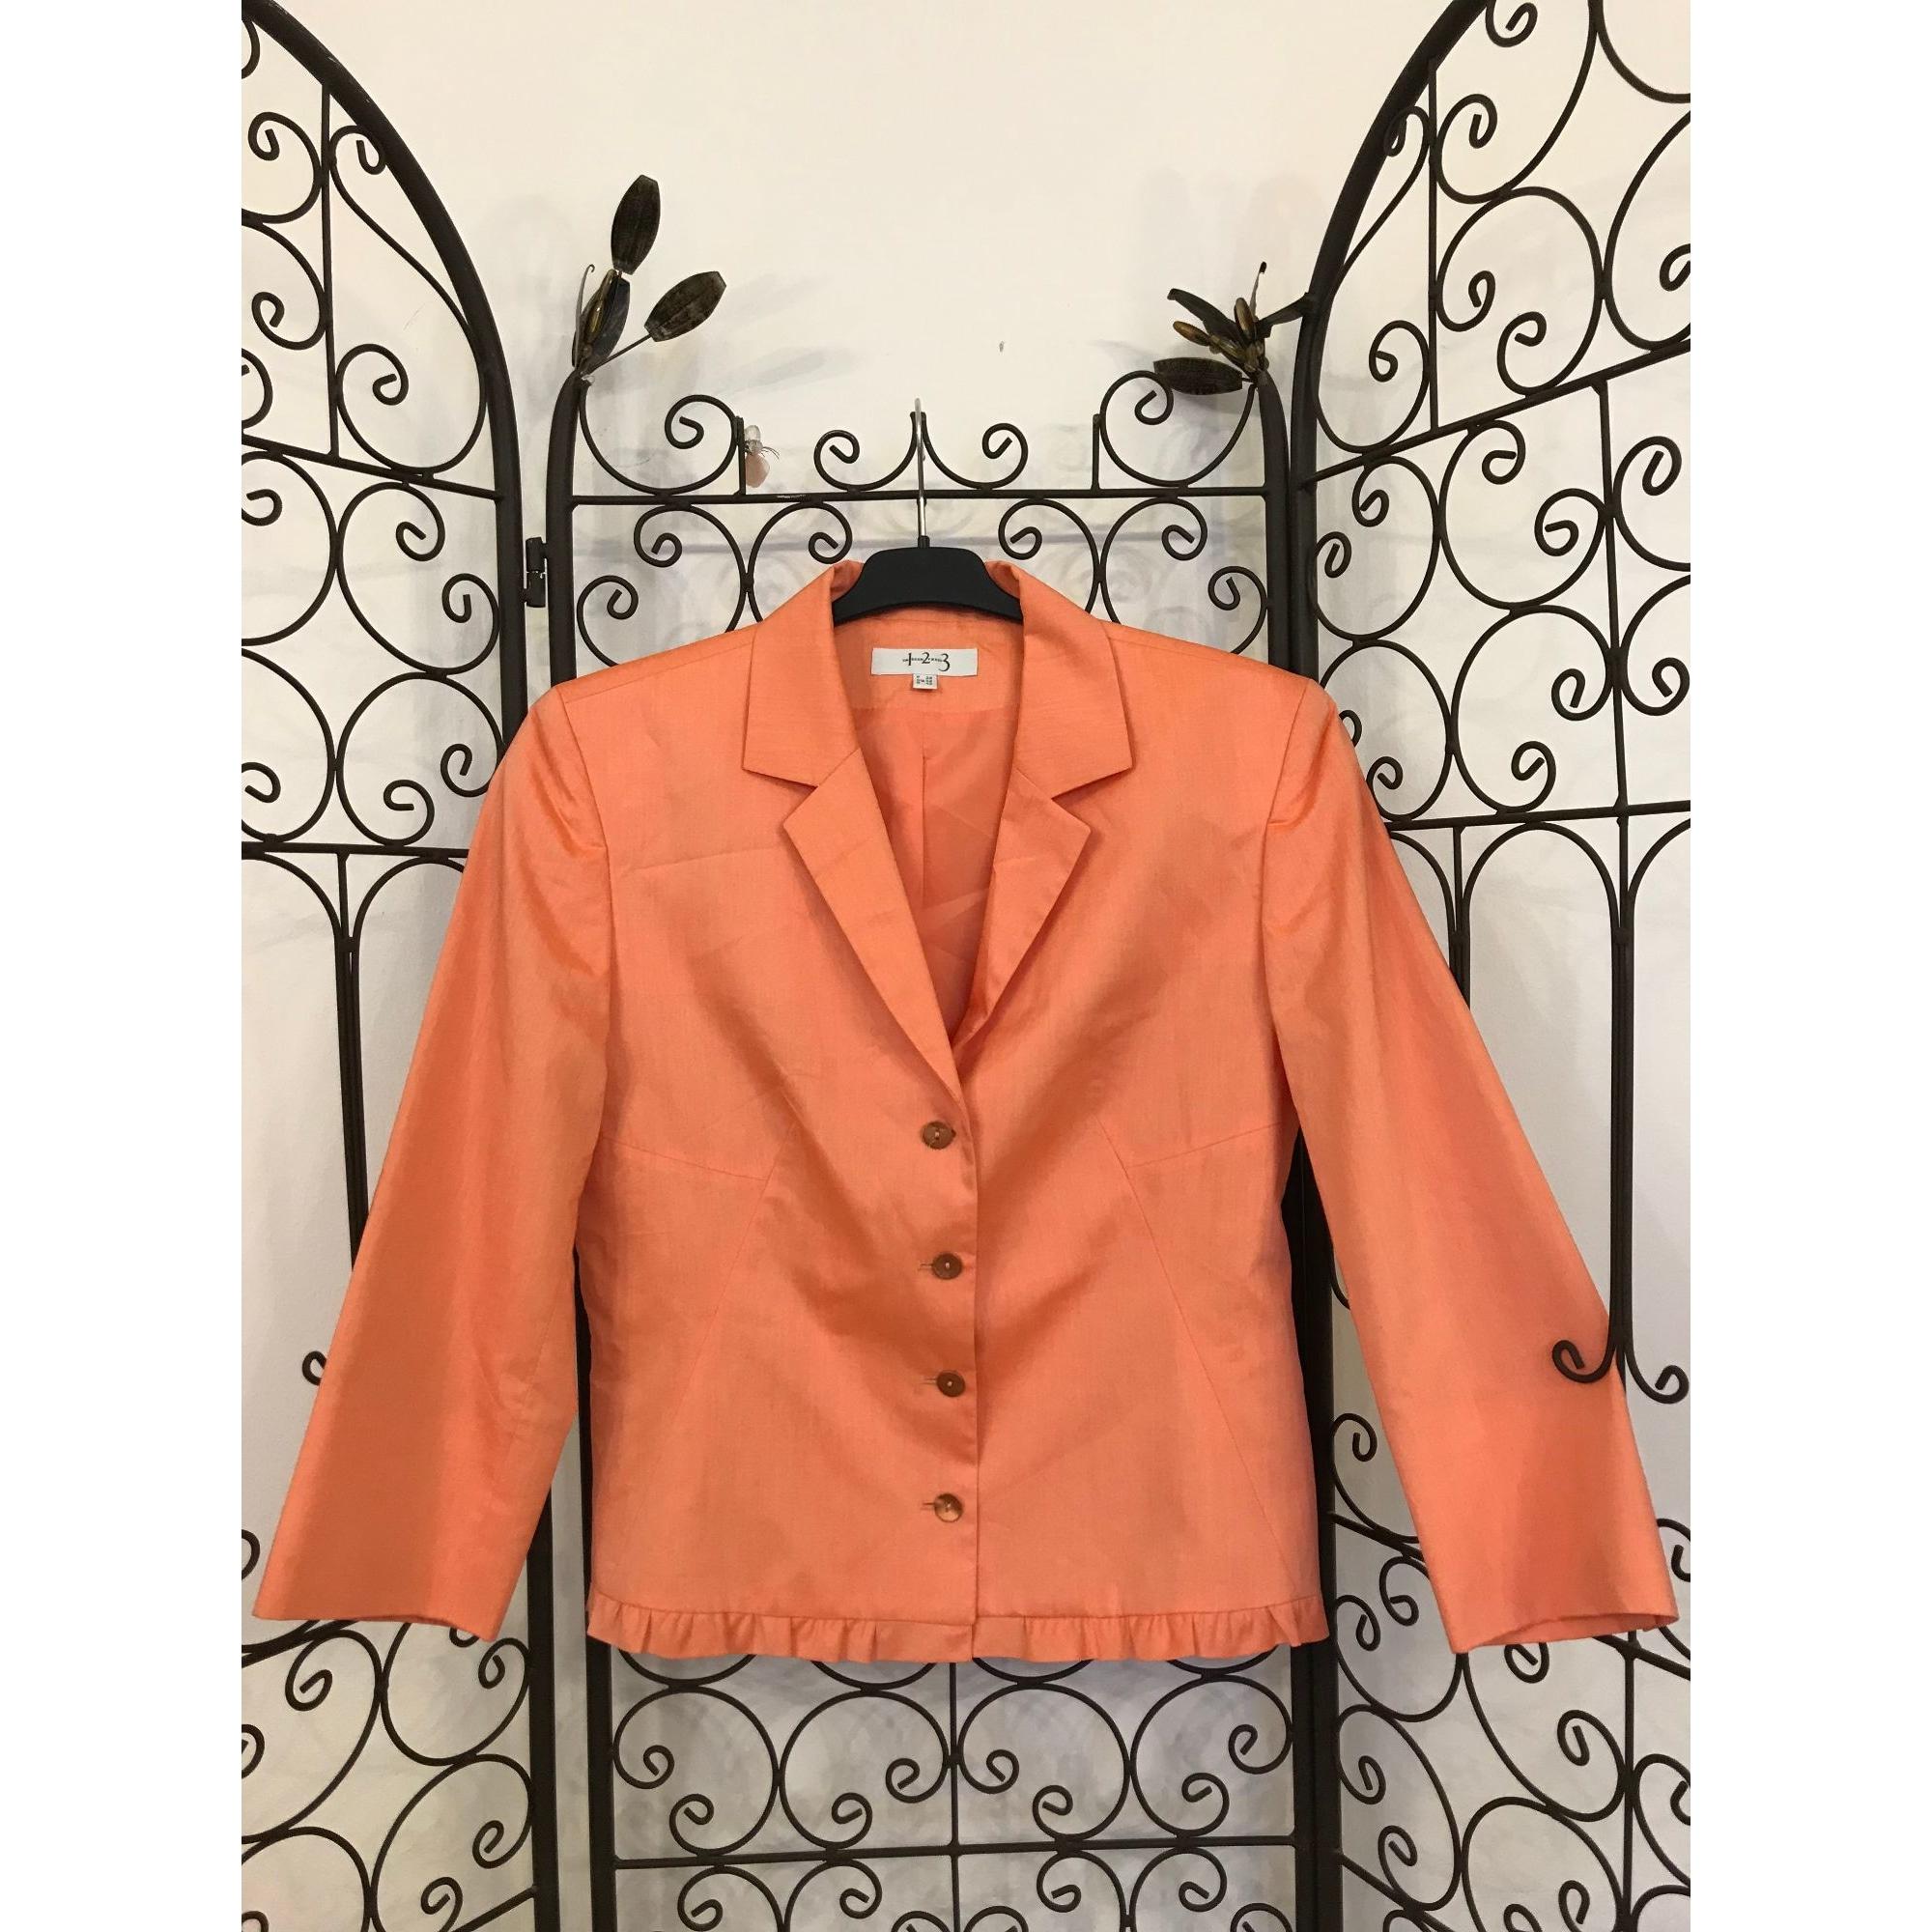 Blazer, veste tailleur 1.2.3 Orange